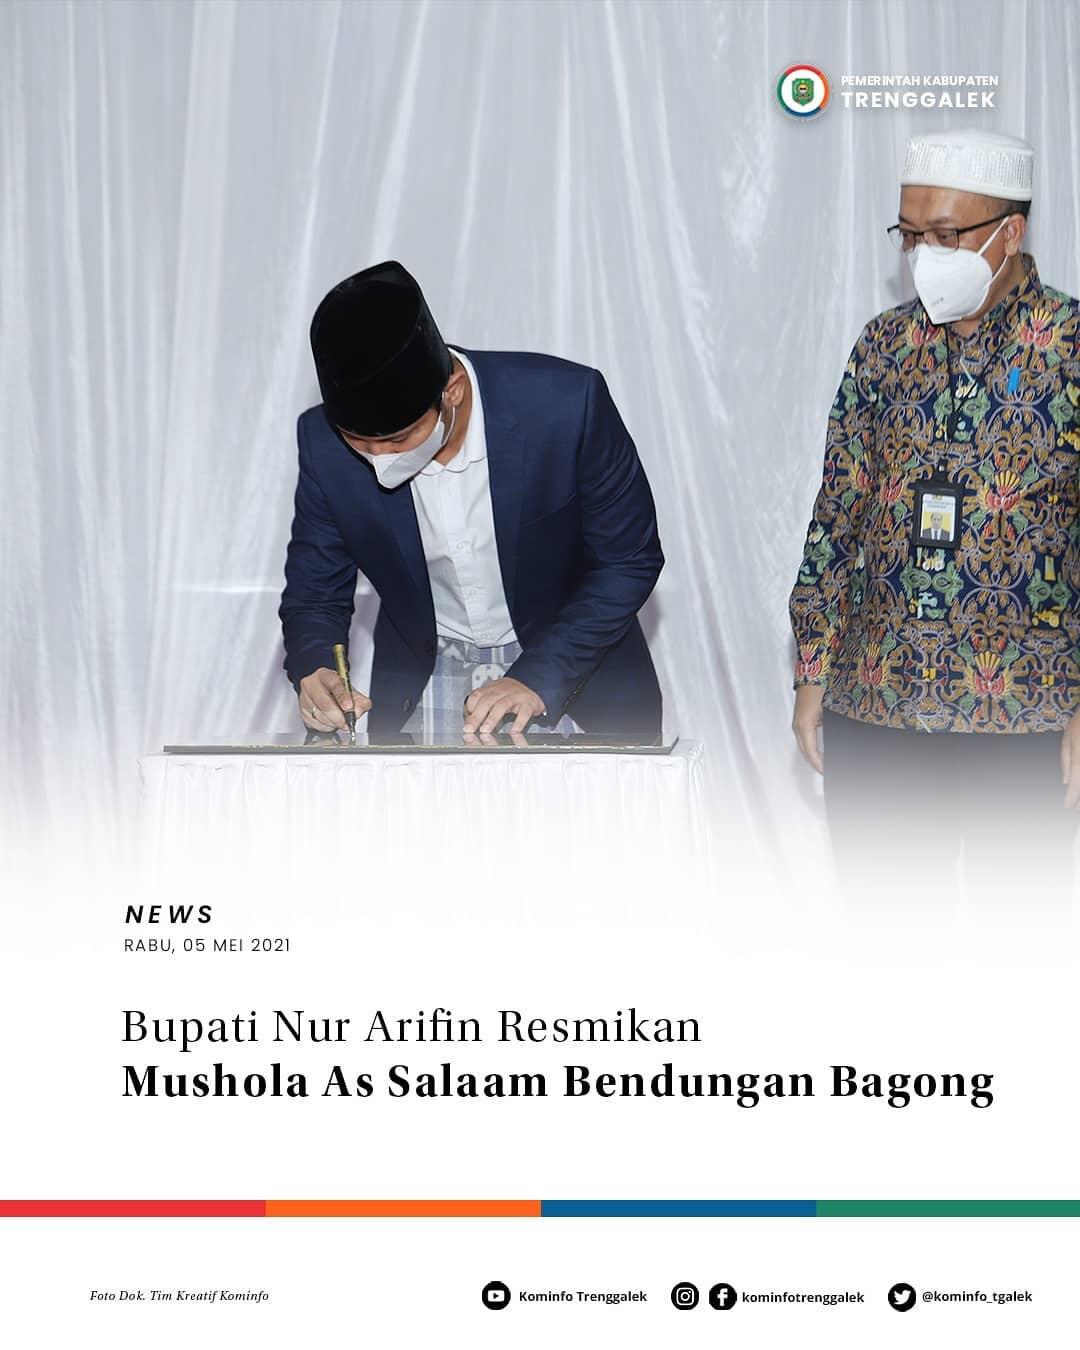 Bupati Nur Arifin Resmikan Mushola As Salaam Bendungan Bagong